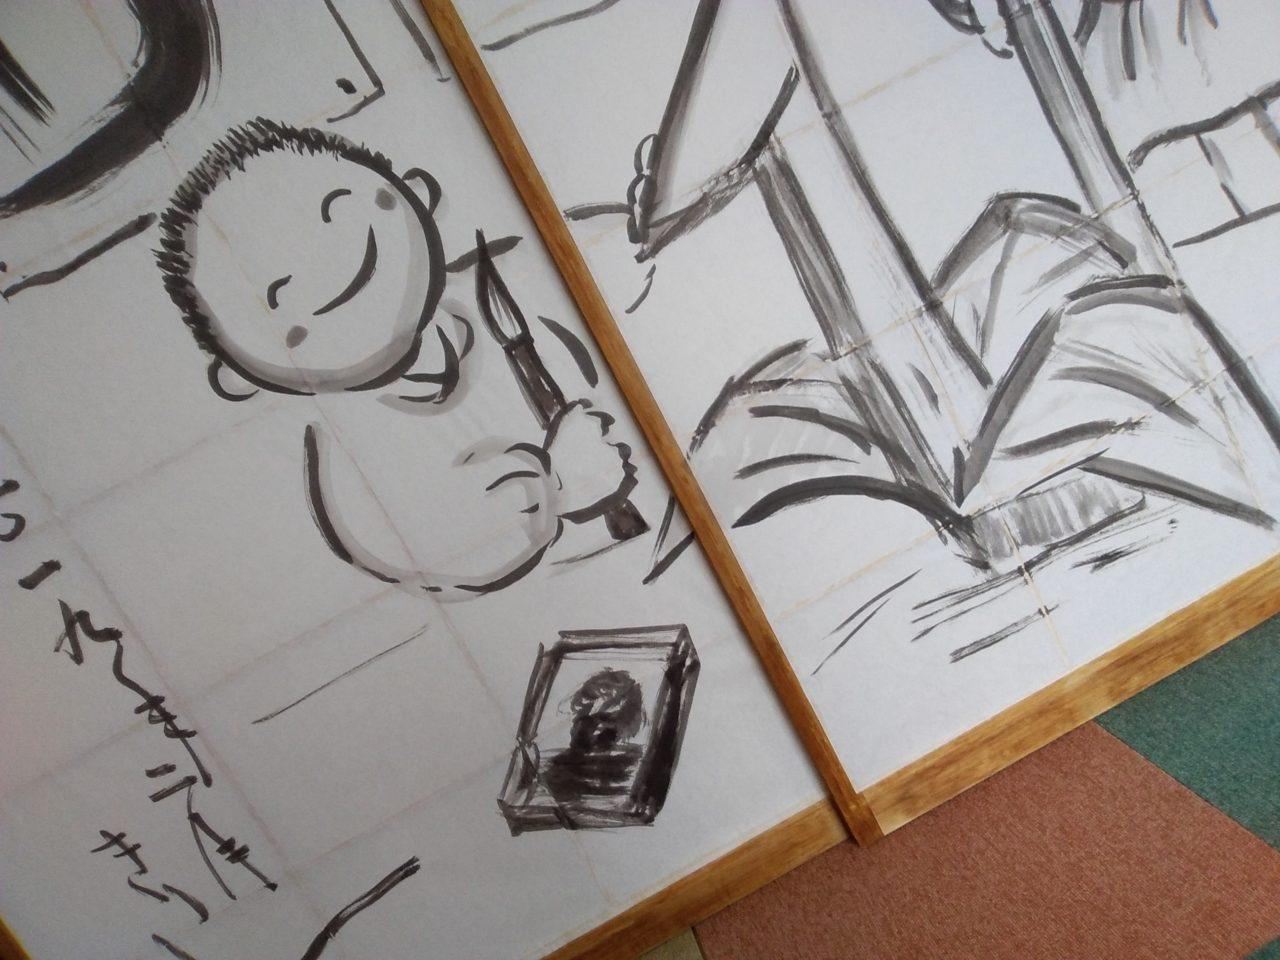 筆を持つ子供が墨絵を描く様子を書いた障子絵